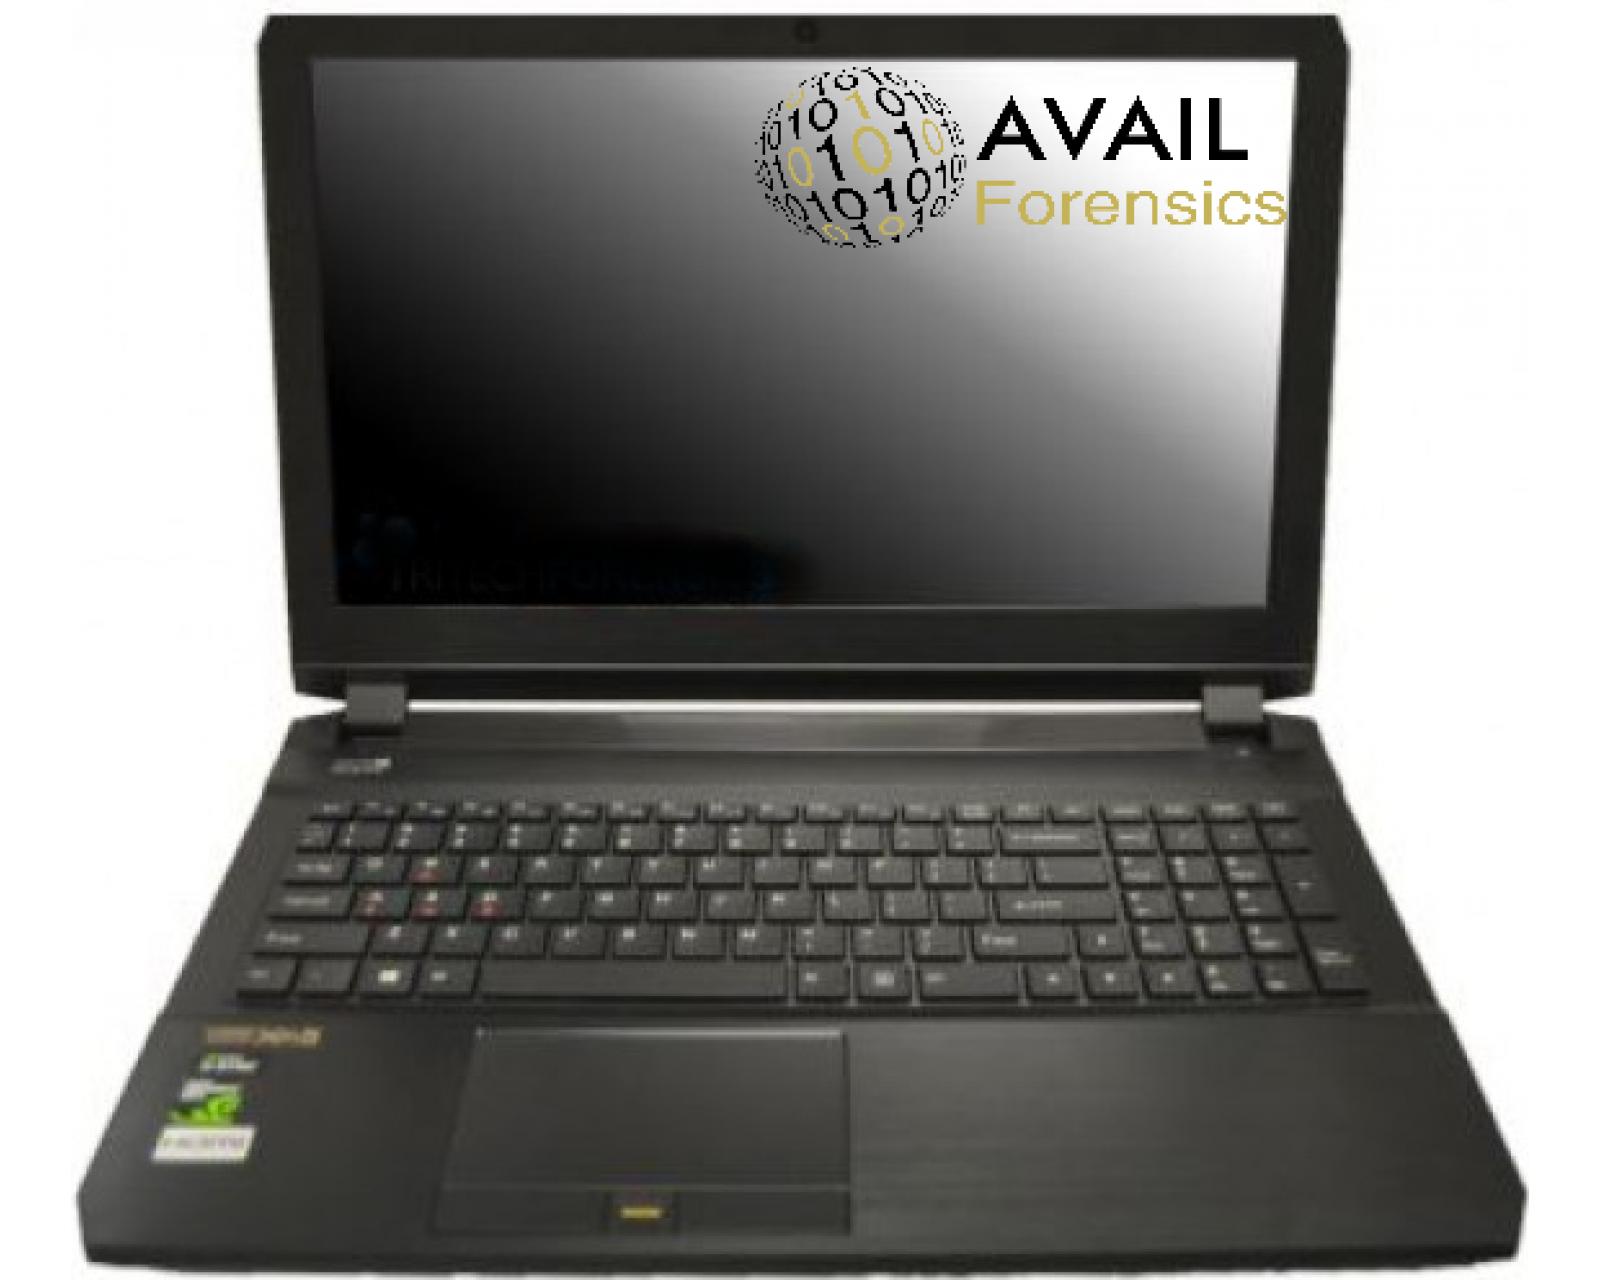 DAVE DCFL2-15 Cellphone Digital Forensics Laptop Workstation